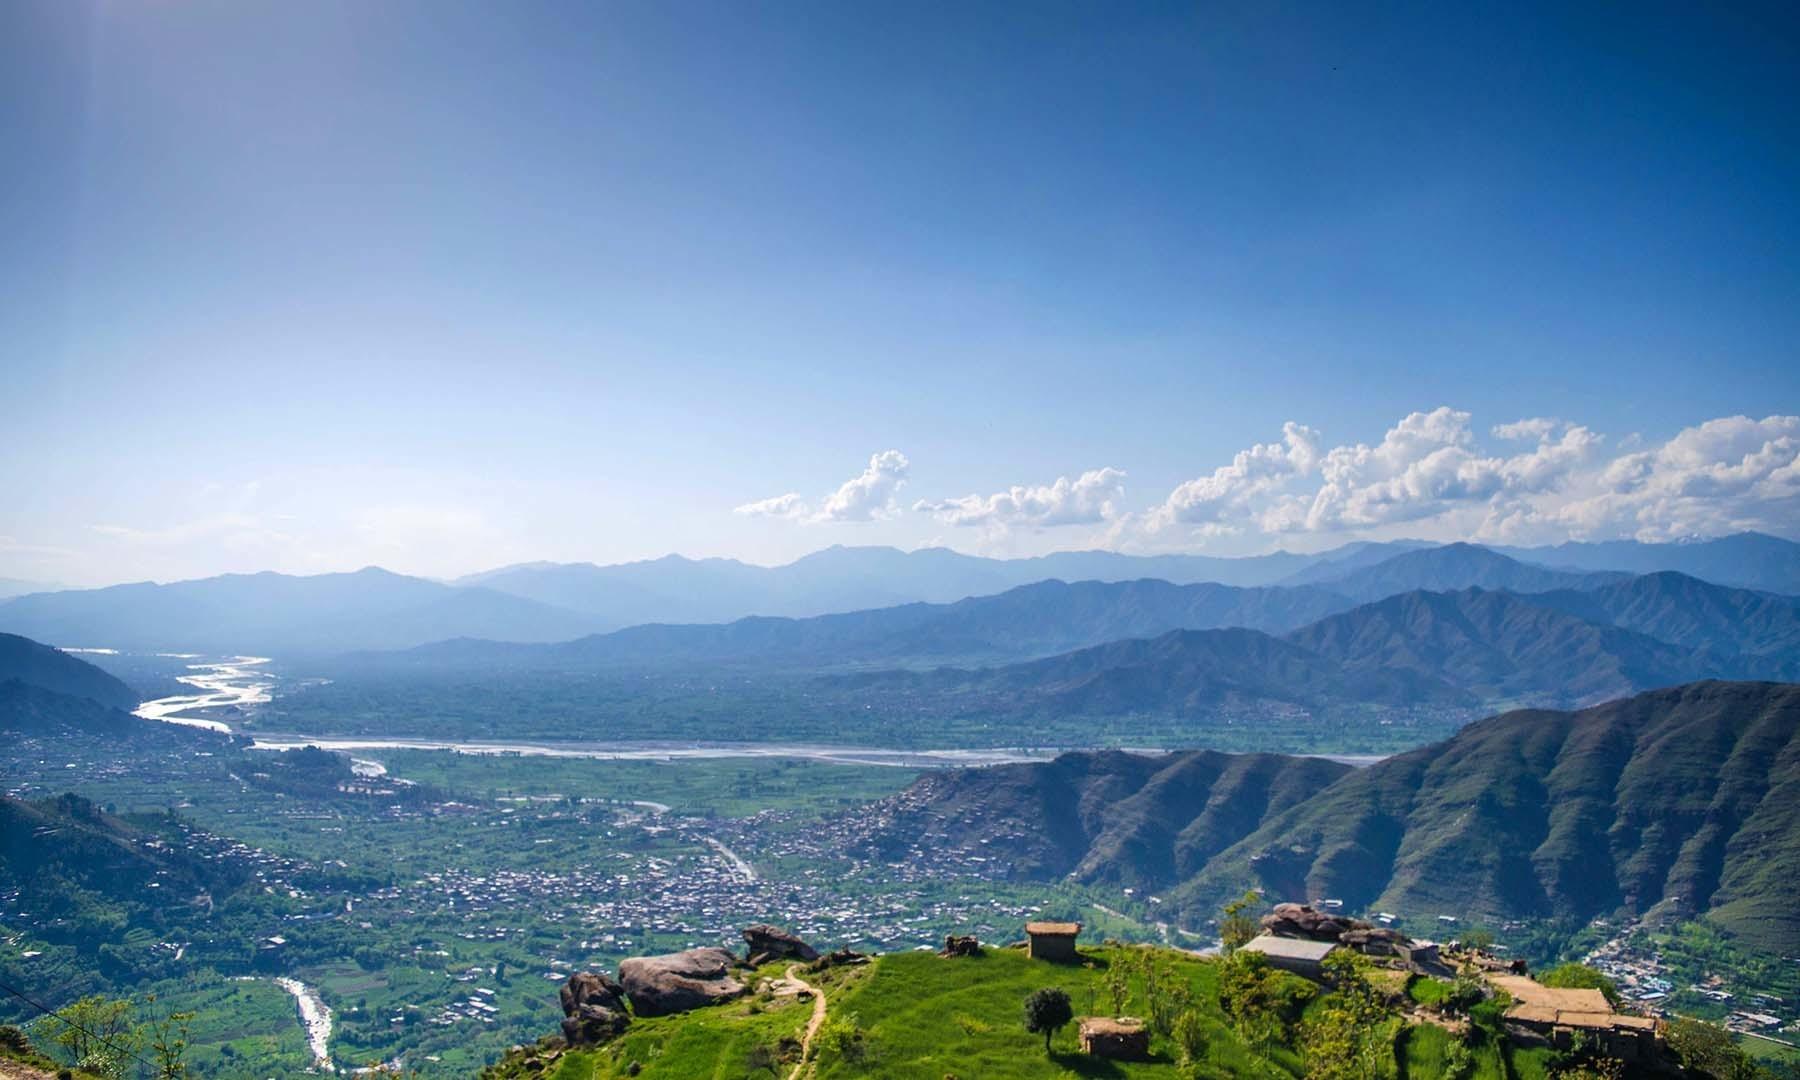 چجو گٹ سے نیچے منگلور گاؤں اور دریائے سوات کا ایک دلفریب نظارہ۔— فوٹو امجد علی سحاب